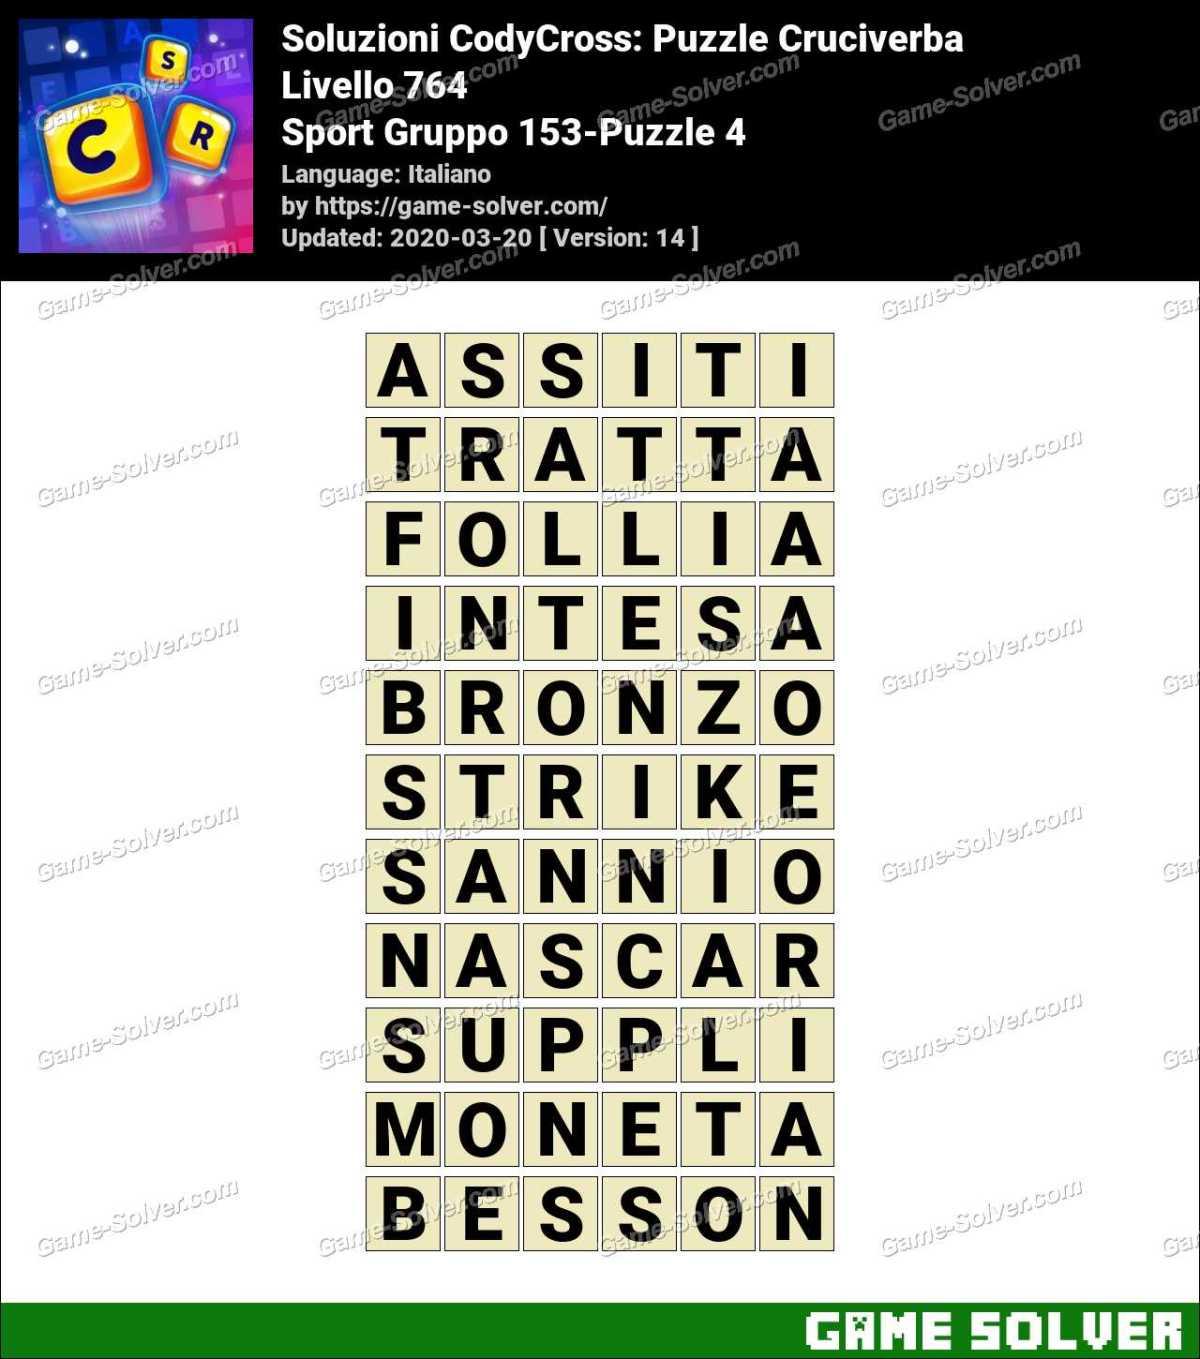 Soluzioni CodyCross Sport Gruppo 153-Puzzle 4